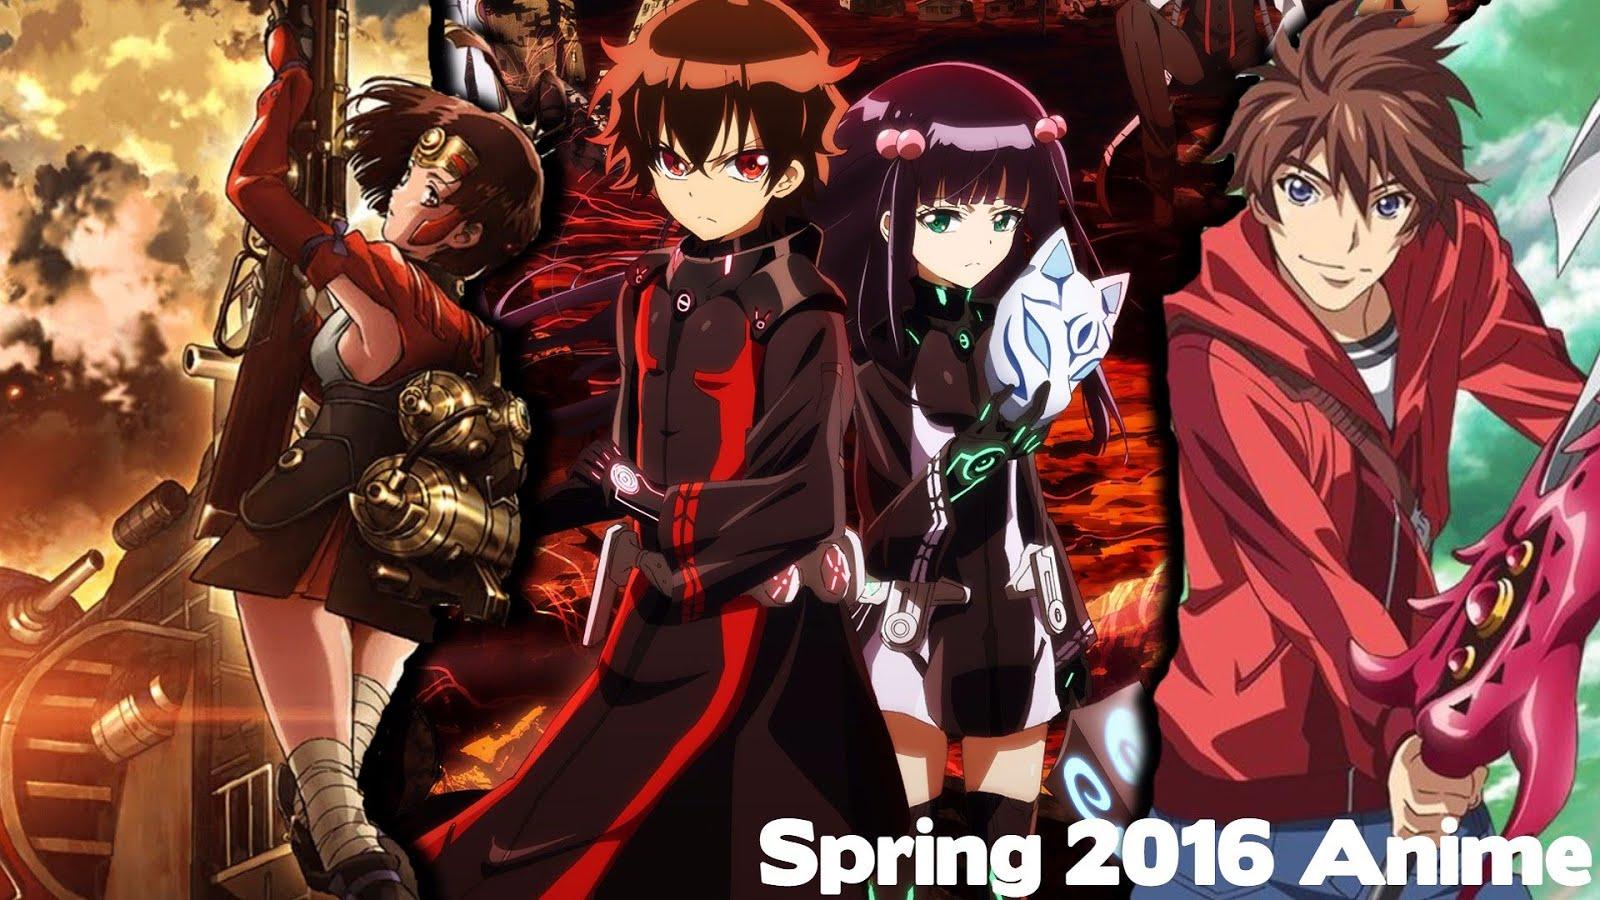 Mungkin beberapa di antara anime berikut ada anime yang paling di tunggu oleh sobat di tahun 2016 bagi yang sudah penasaran berikut list atau daftar